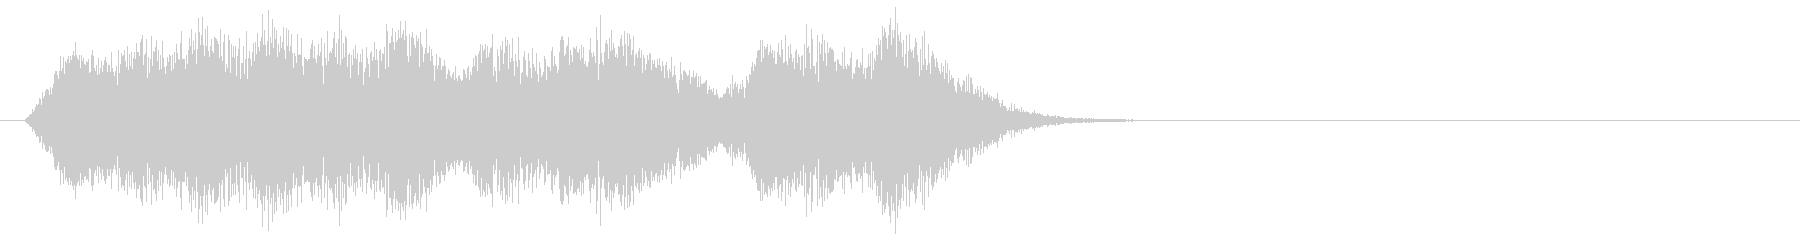 コミカルなヒット音の未再生の波形